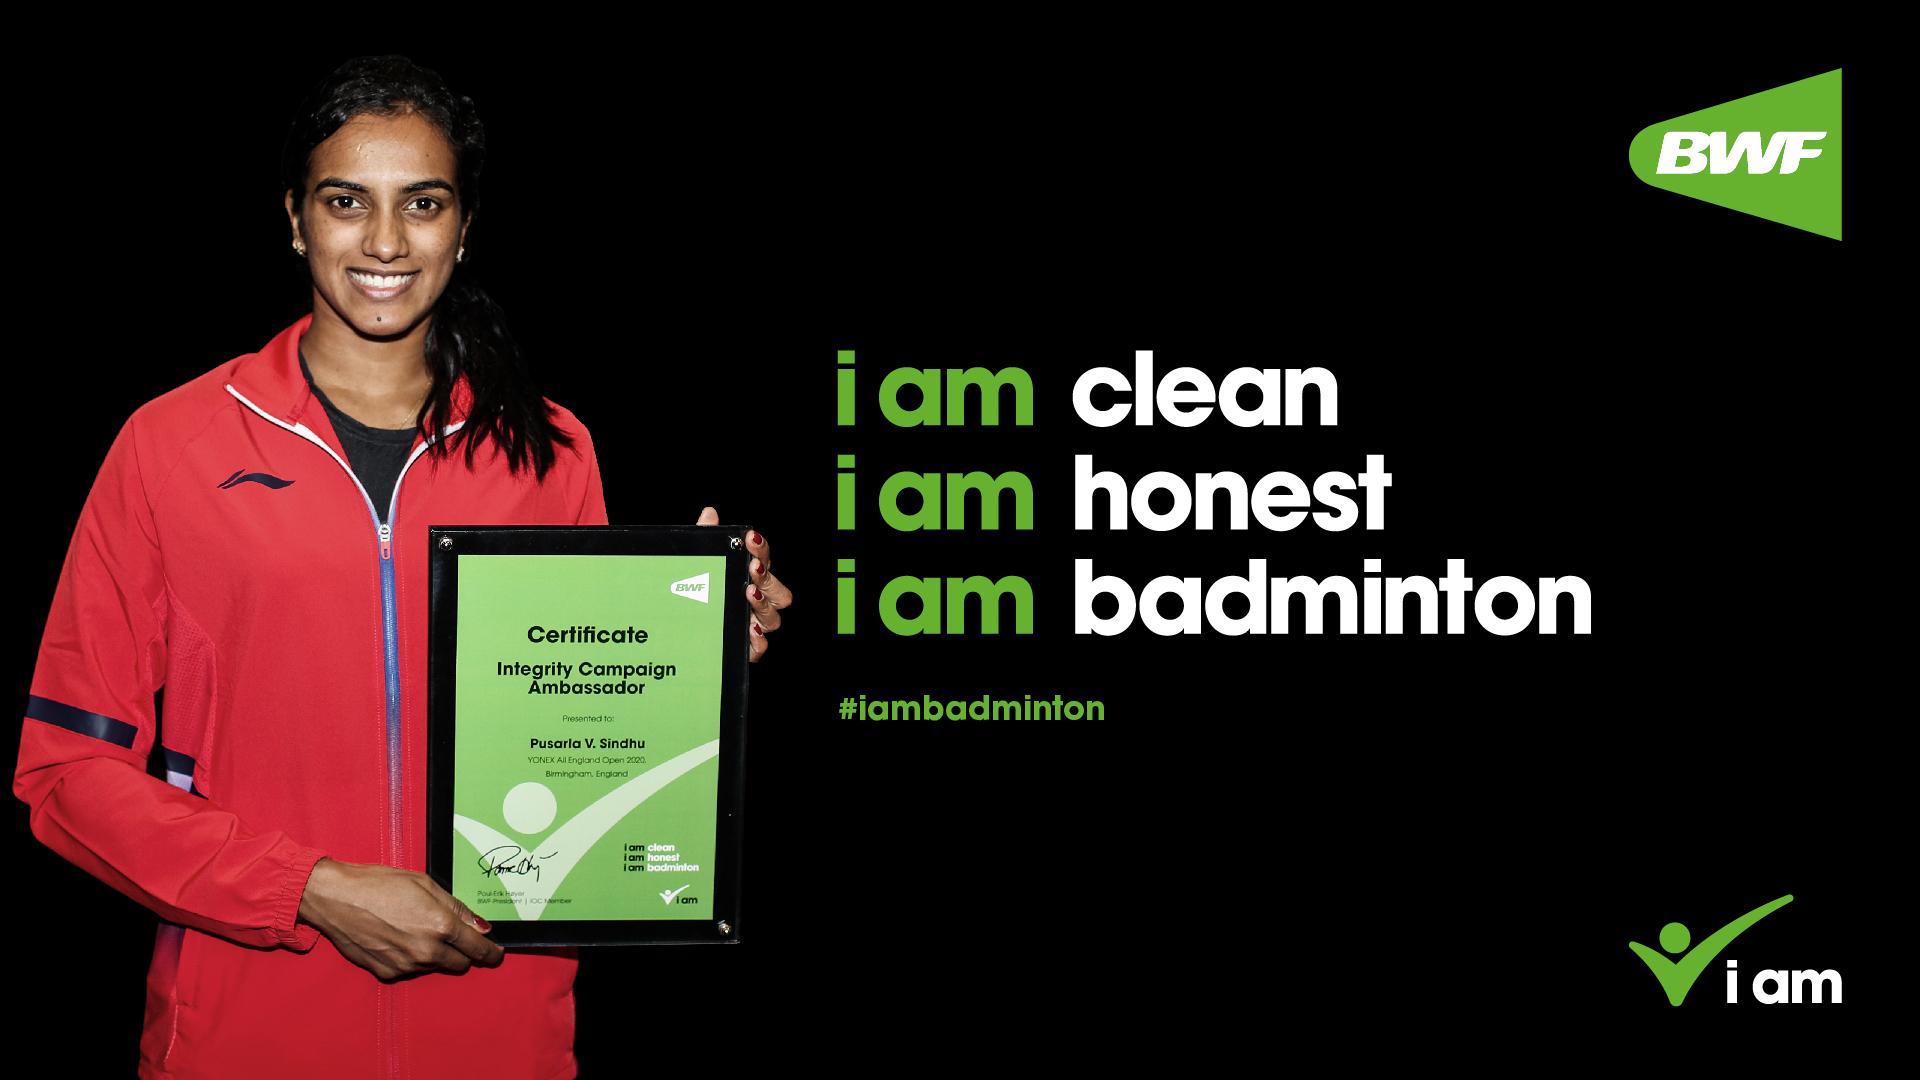 BWF Unveils New Ambassadors for 'i am badminton' Campaign